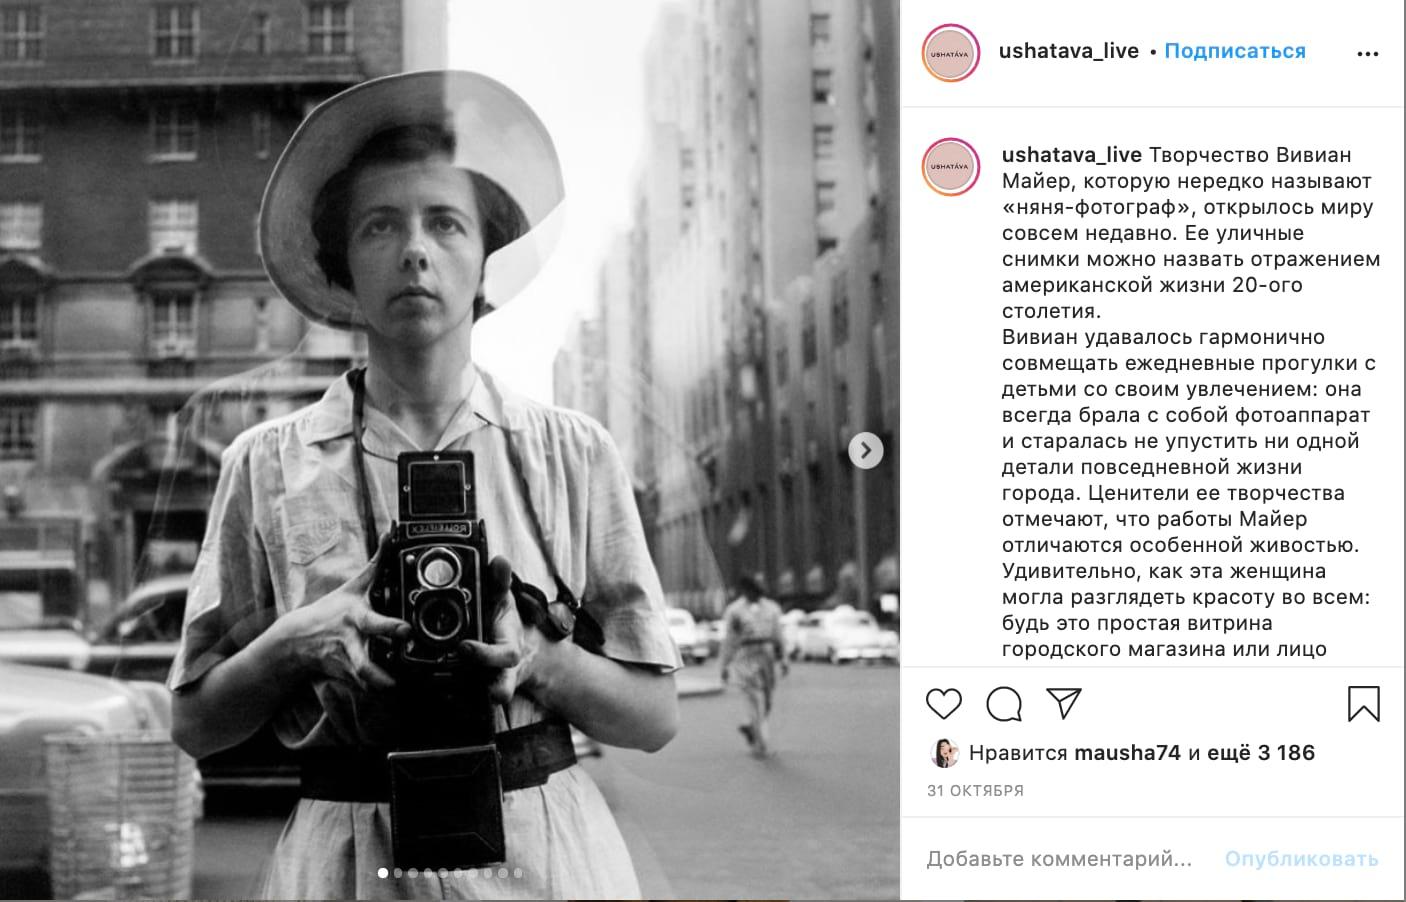 Рассказ про фотографа и снимки в карусели в аккаунте бренда